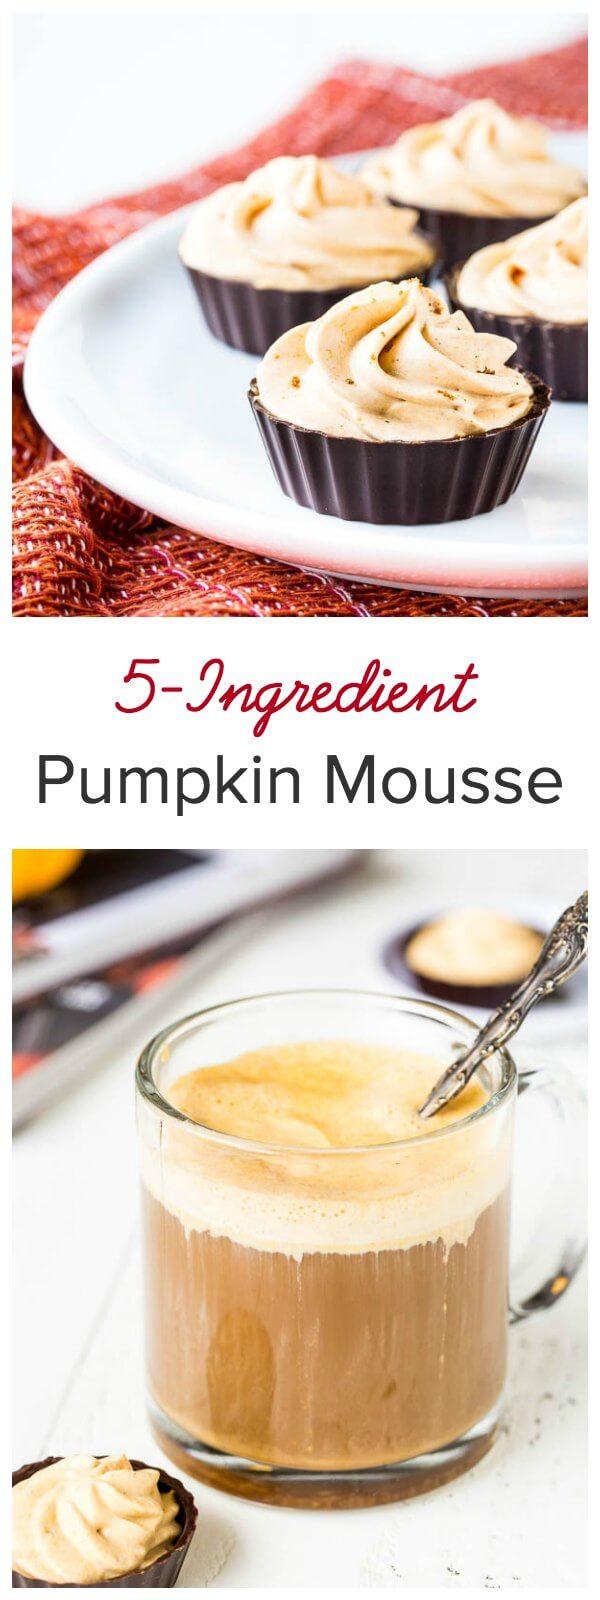 pumpkin-mousse-long